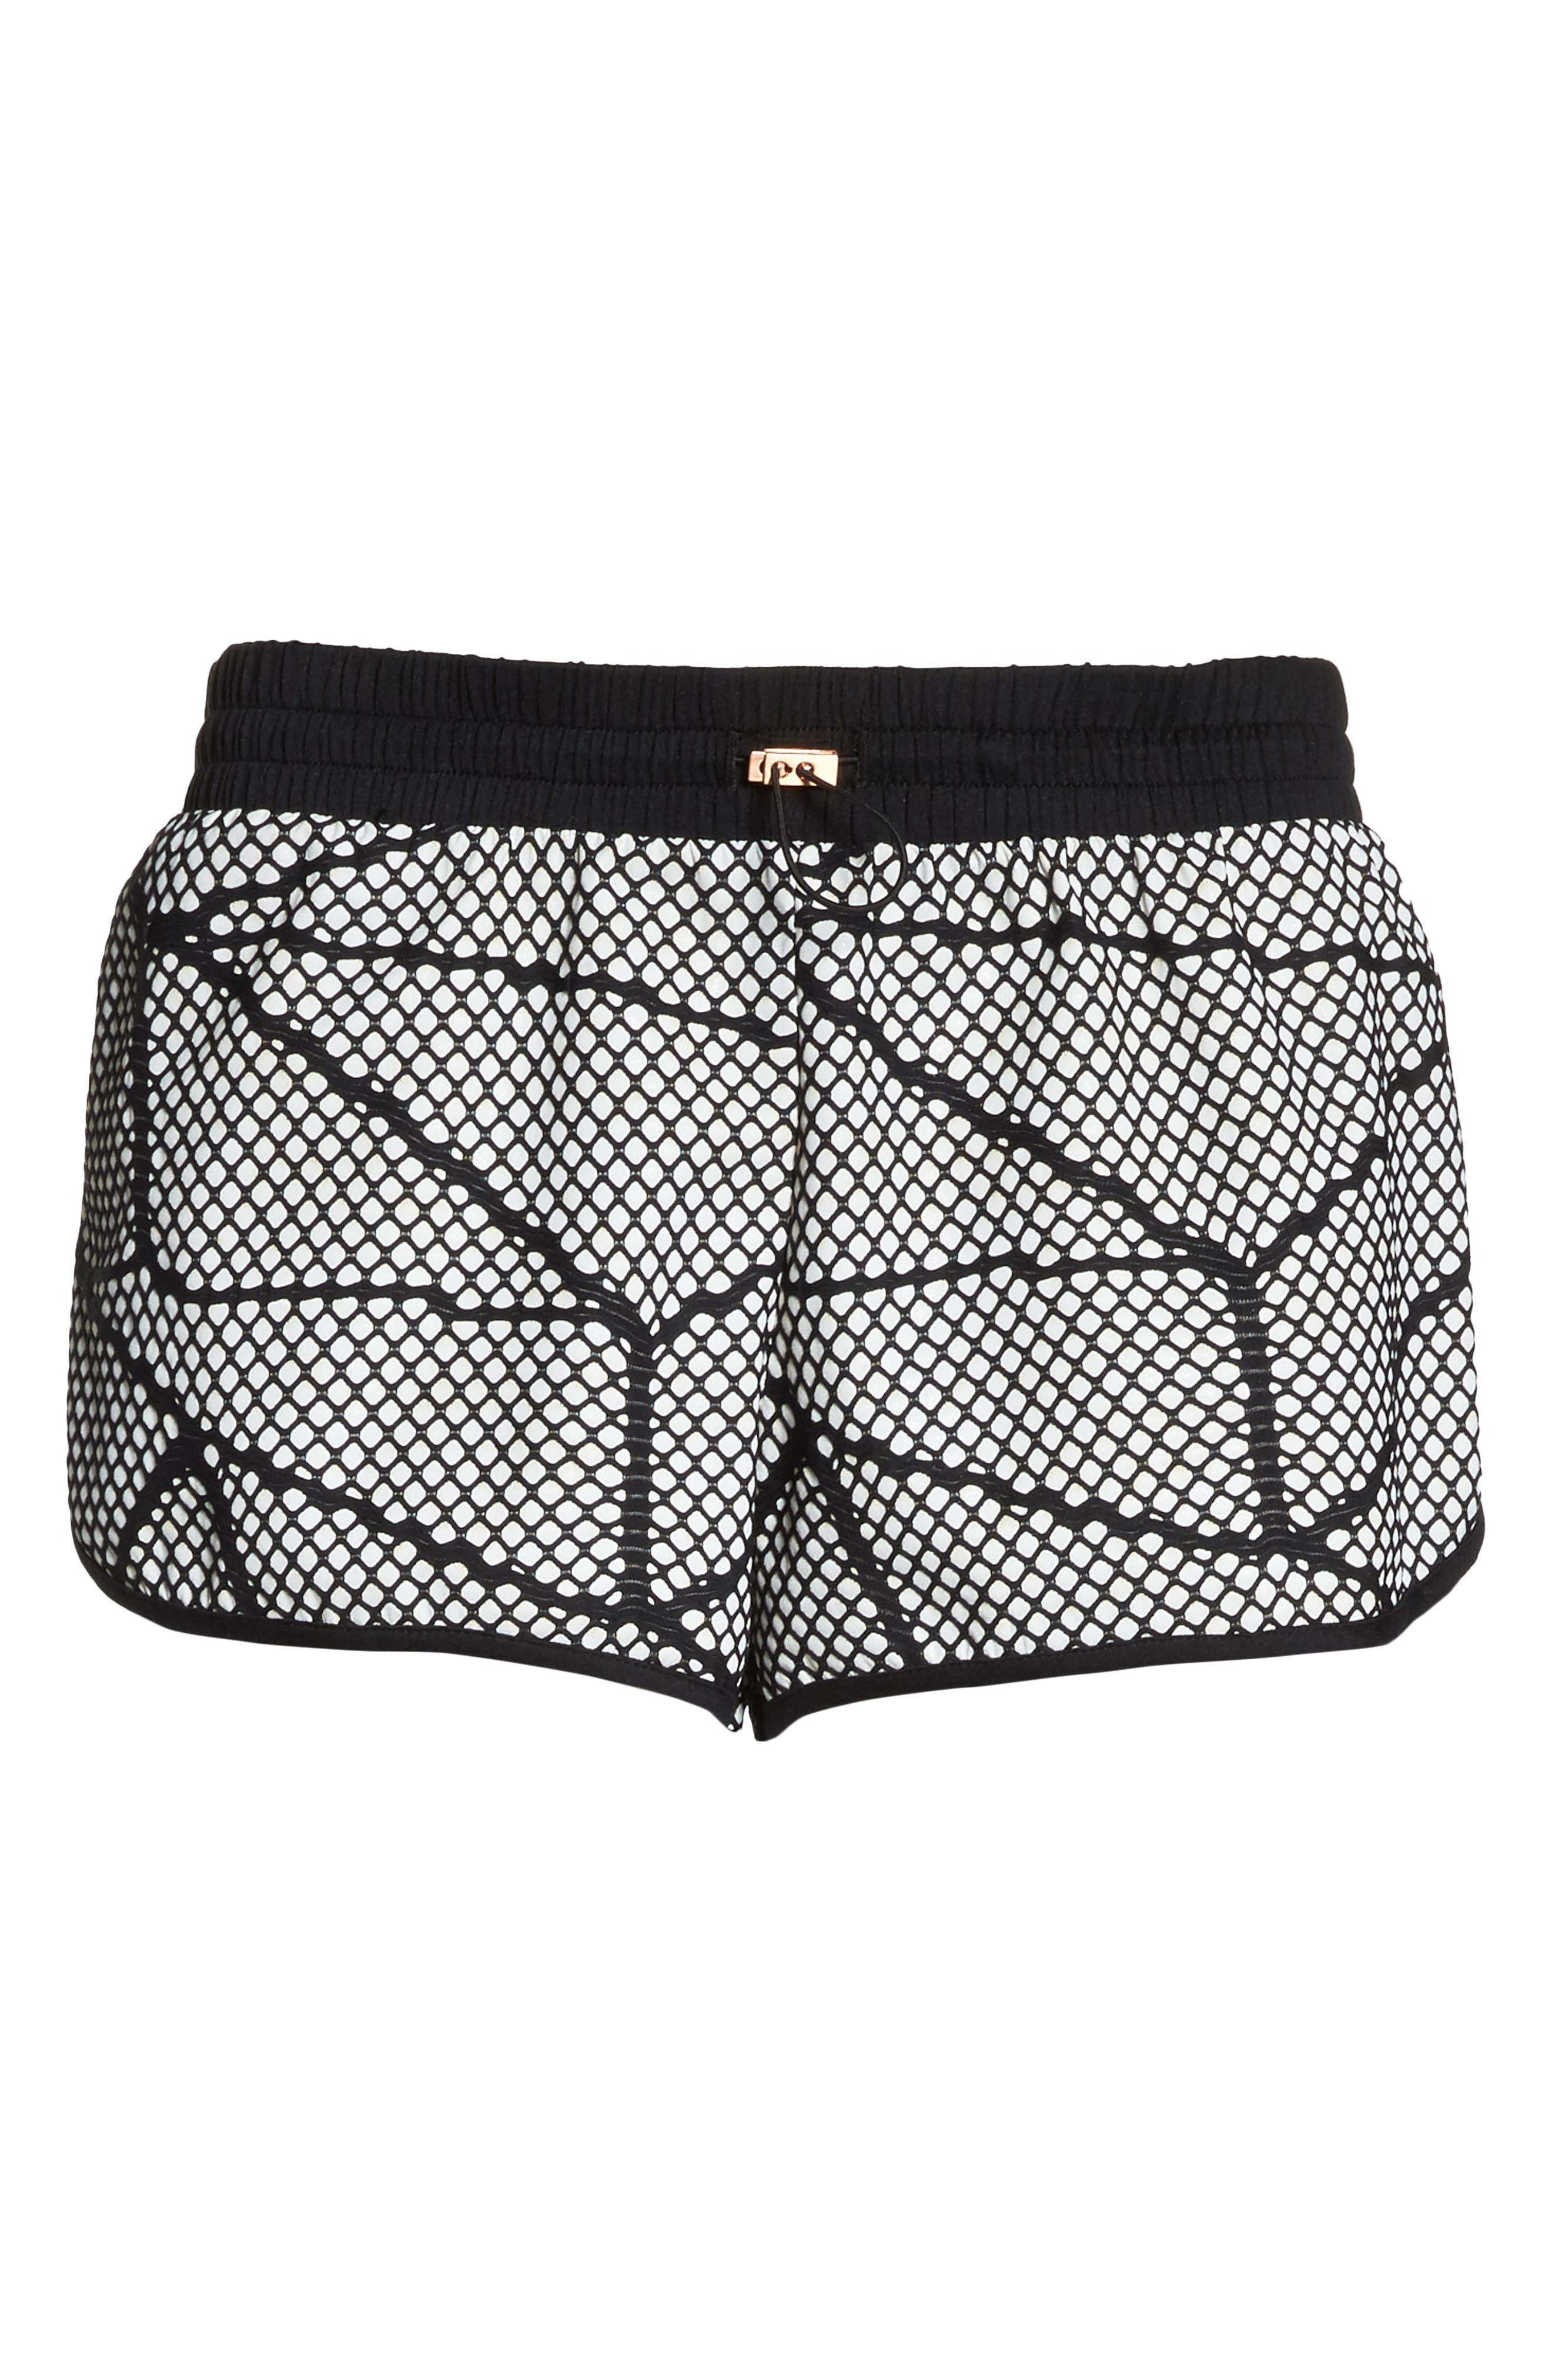 Chromatic Shorts,                             Alternate thumbnail 6, color,                             013